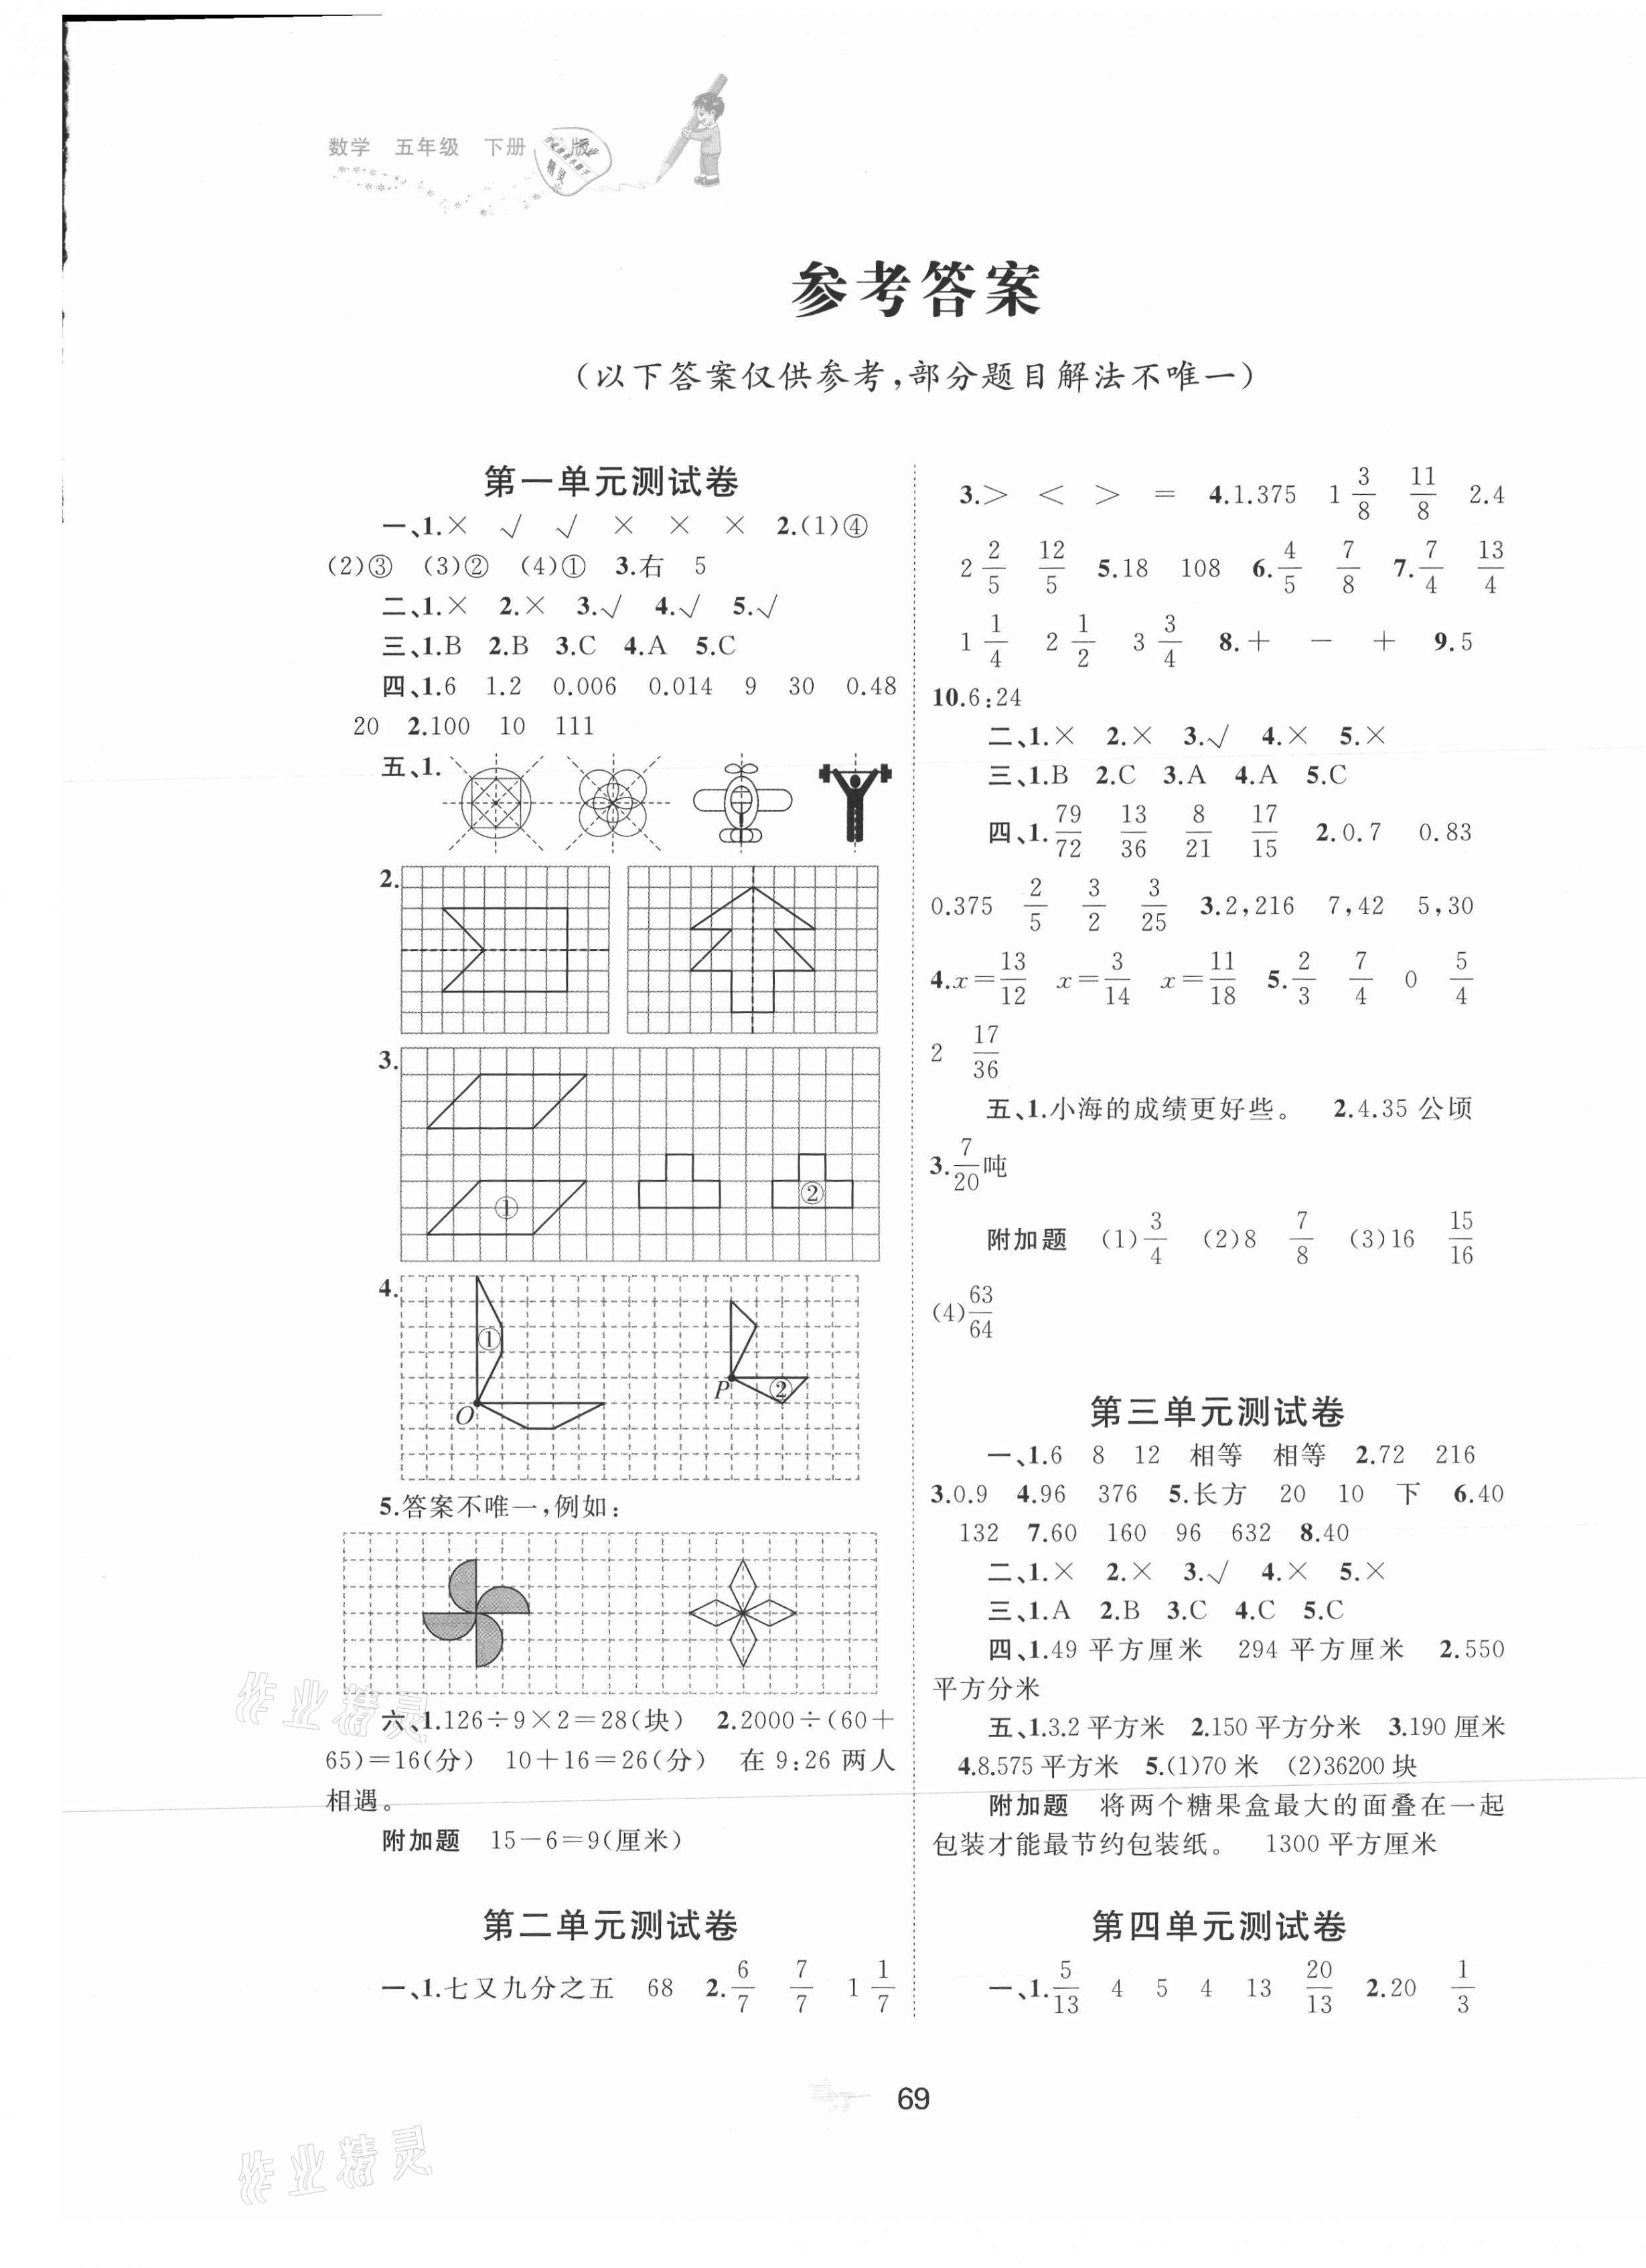 2021年新課程學習與測評單元雙測五年級數學下冊冀教版C版第1頁